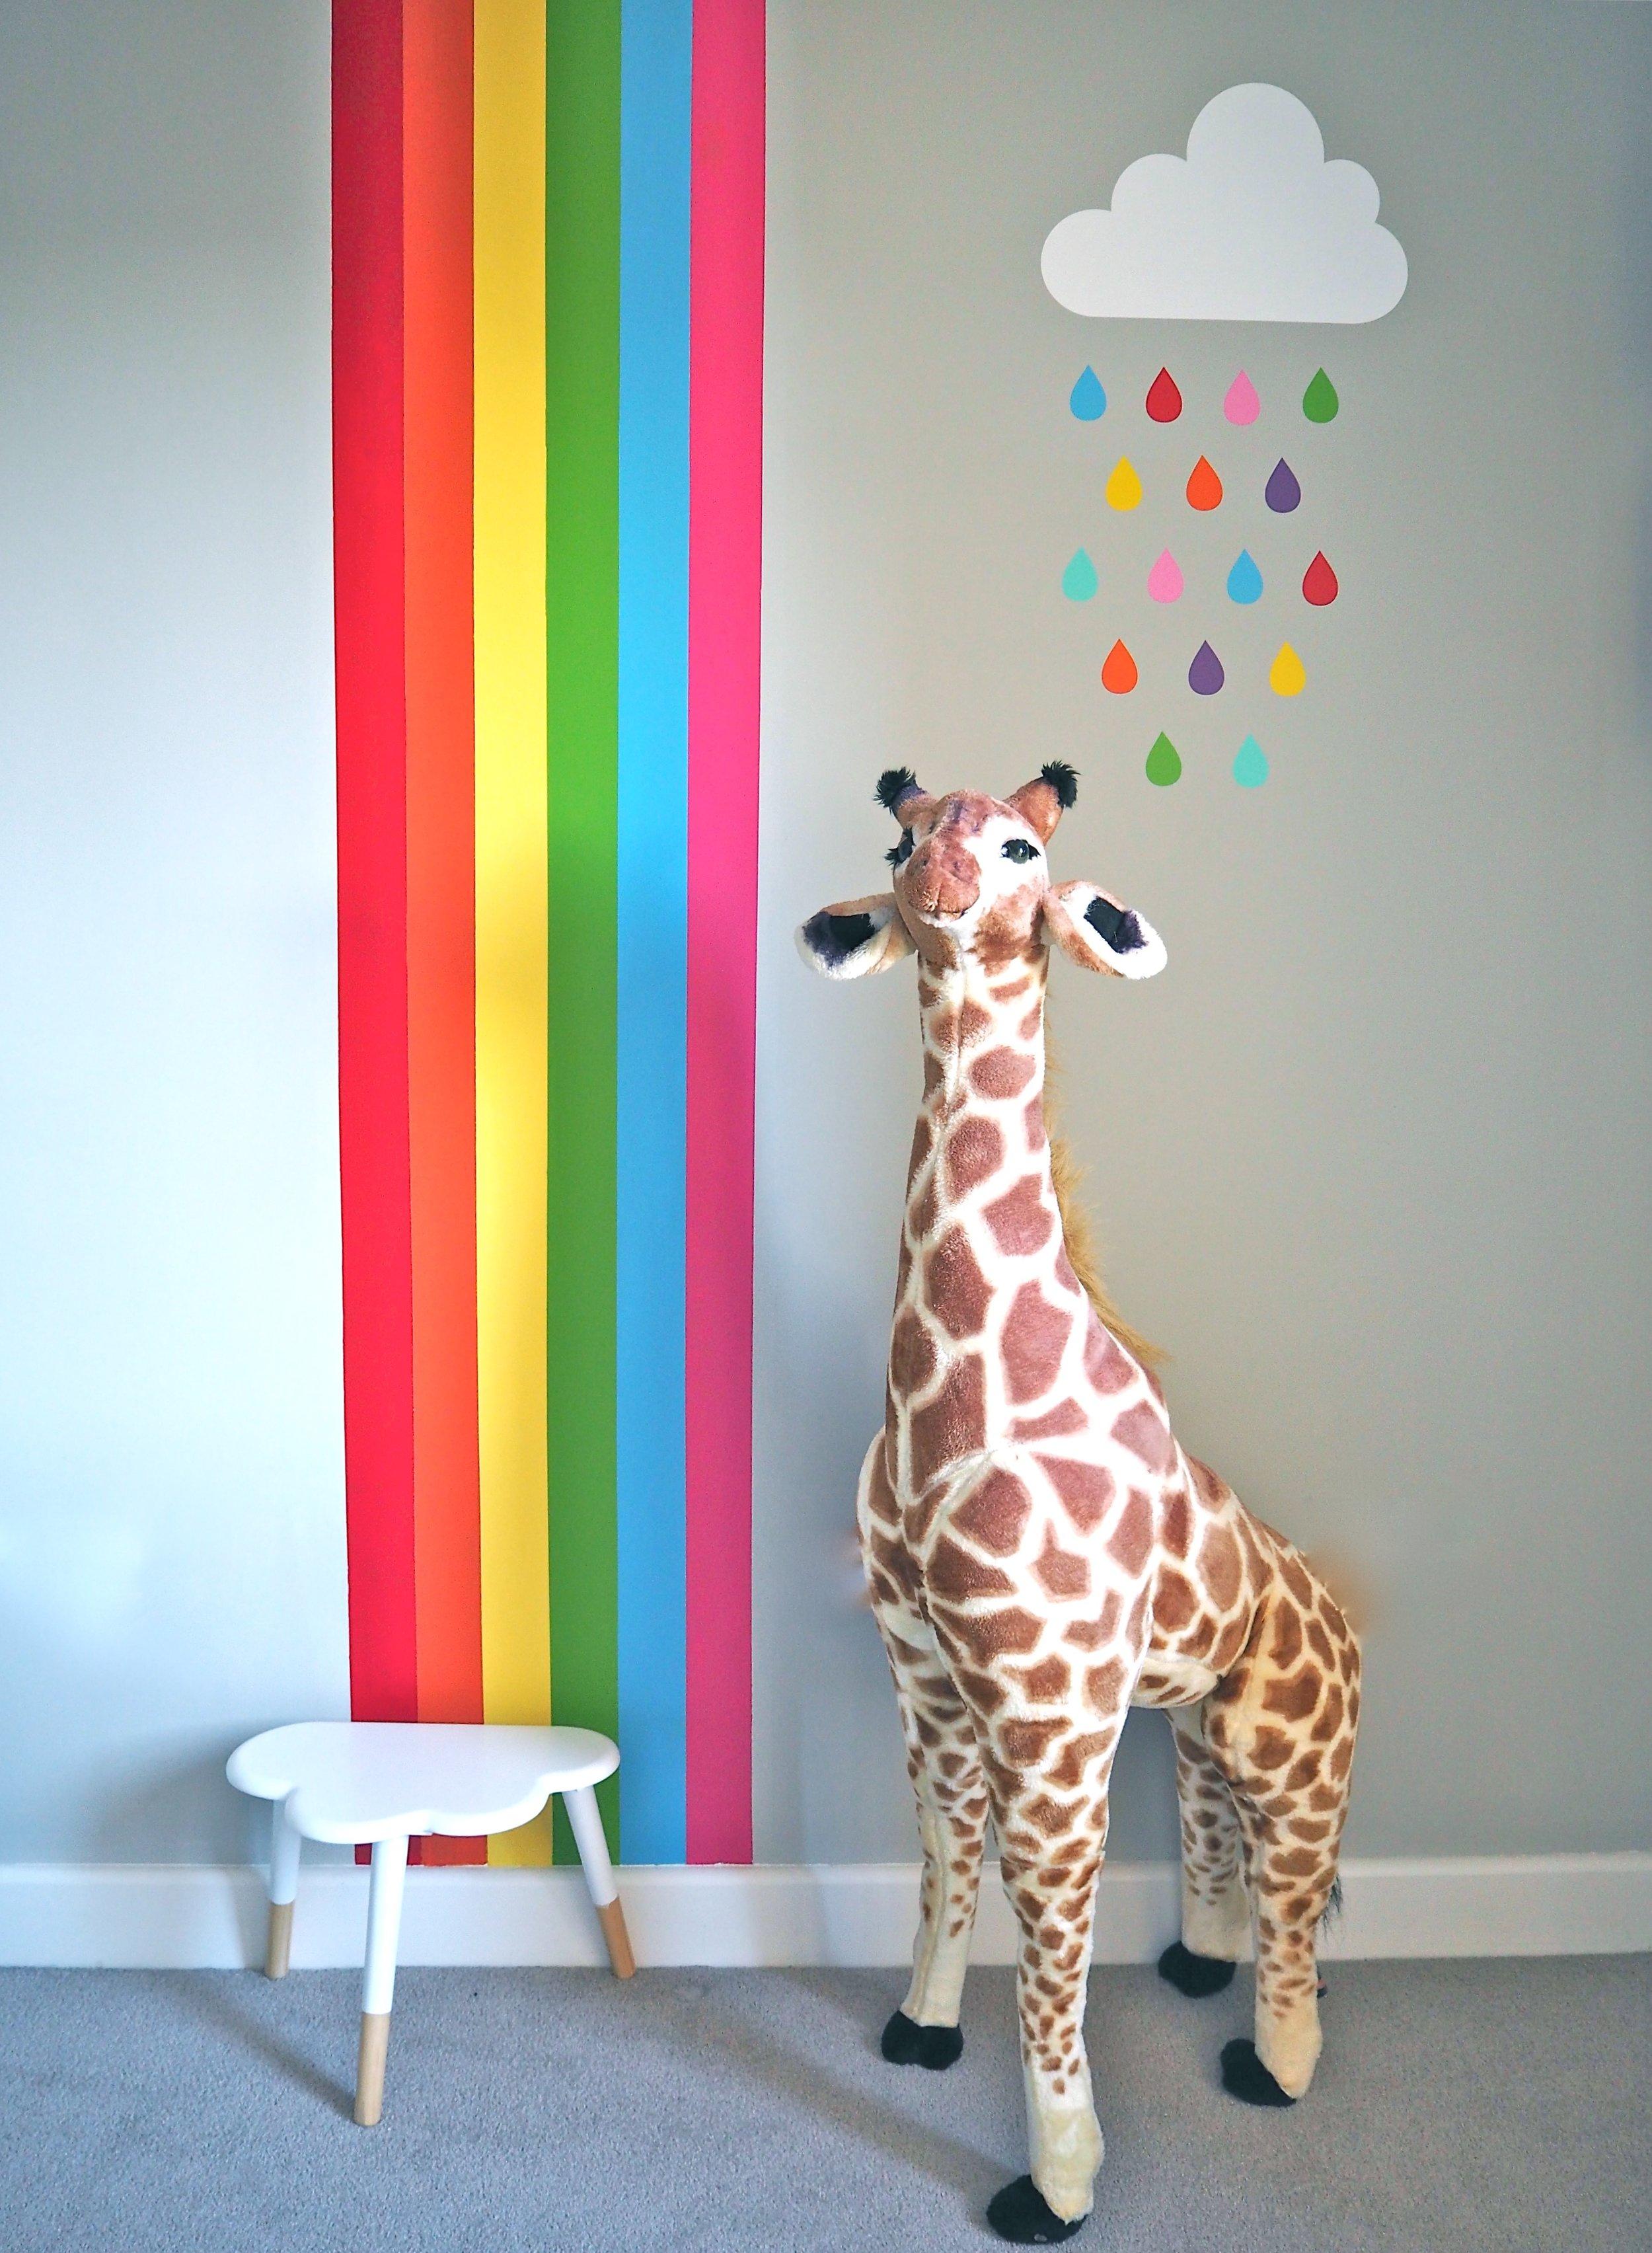 painted rainbow